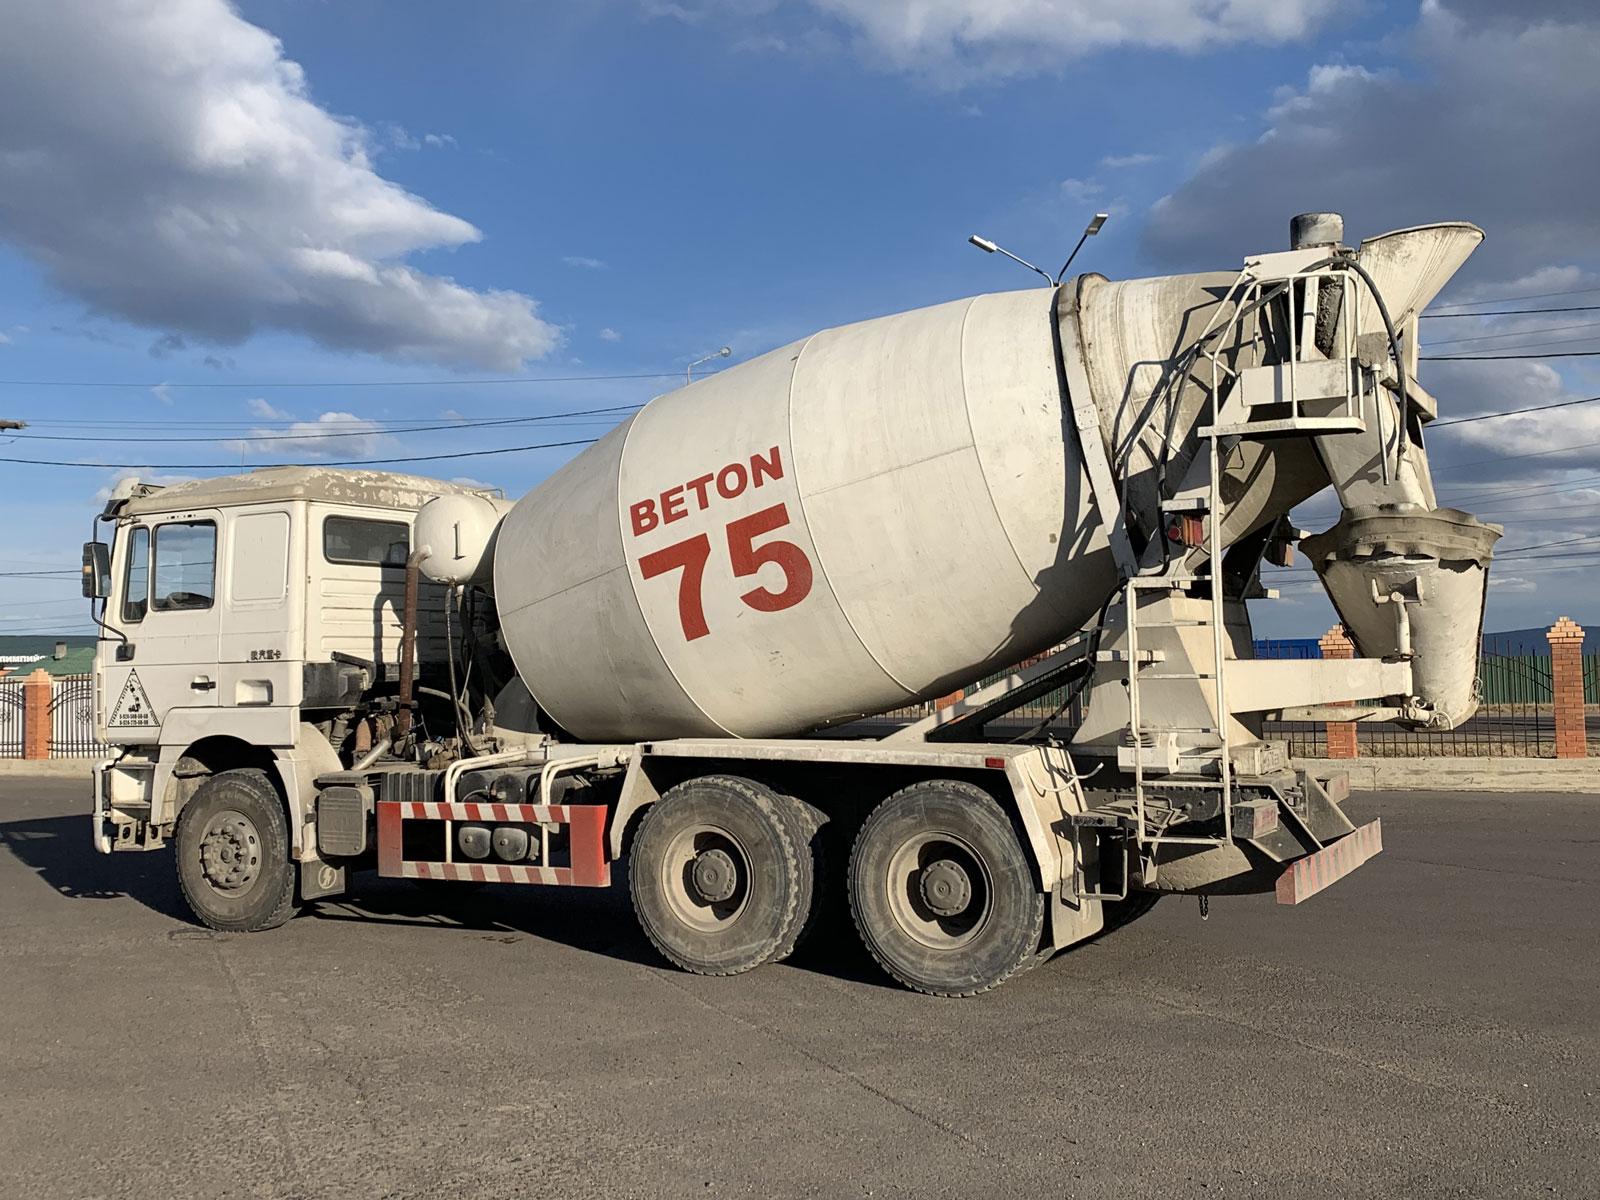 Чита бетон 75 строительный миксер для раствора цена